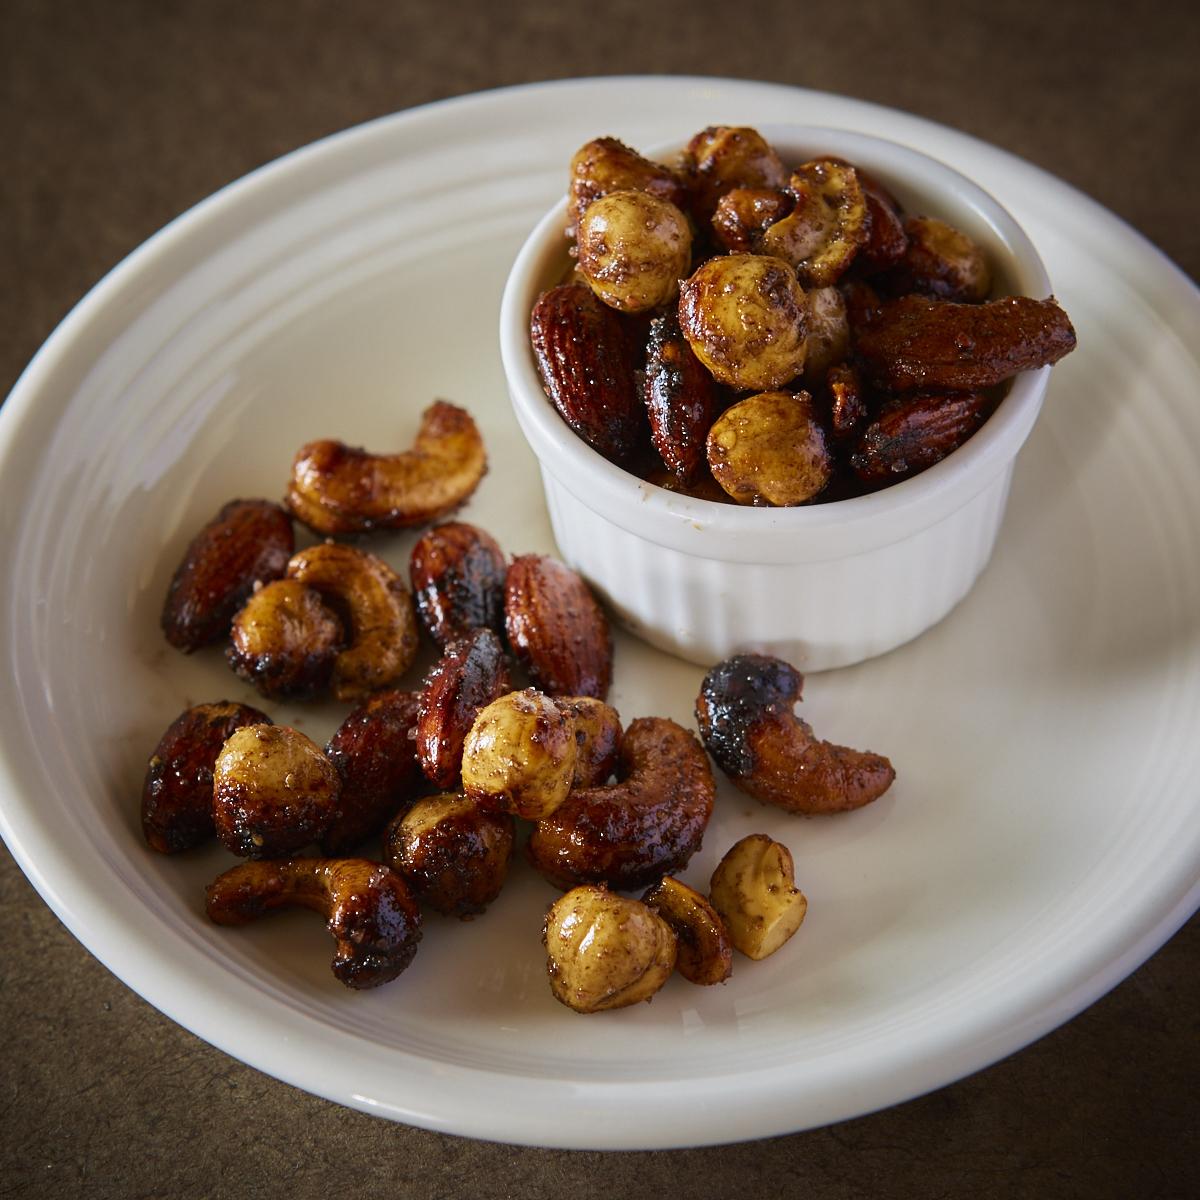 ■ 송로 버섯 향기 수제 등심 견과류